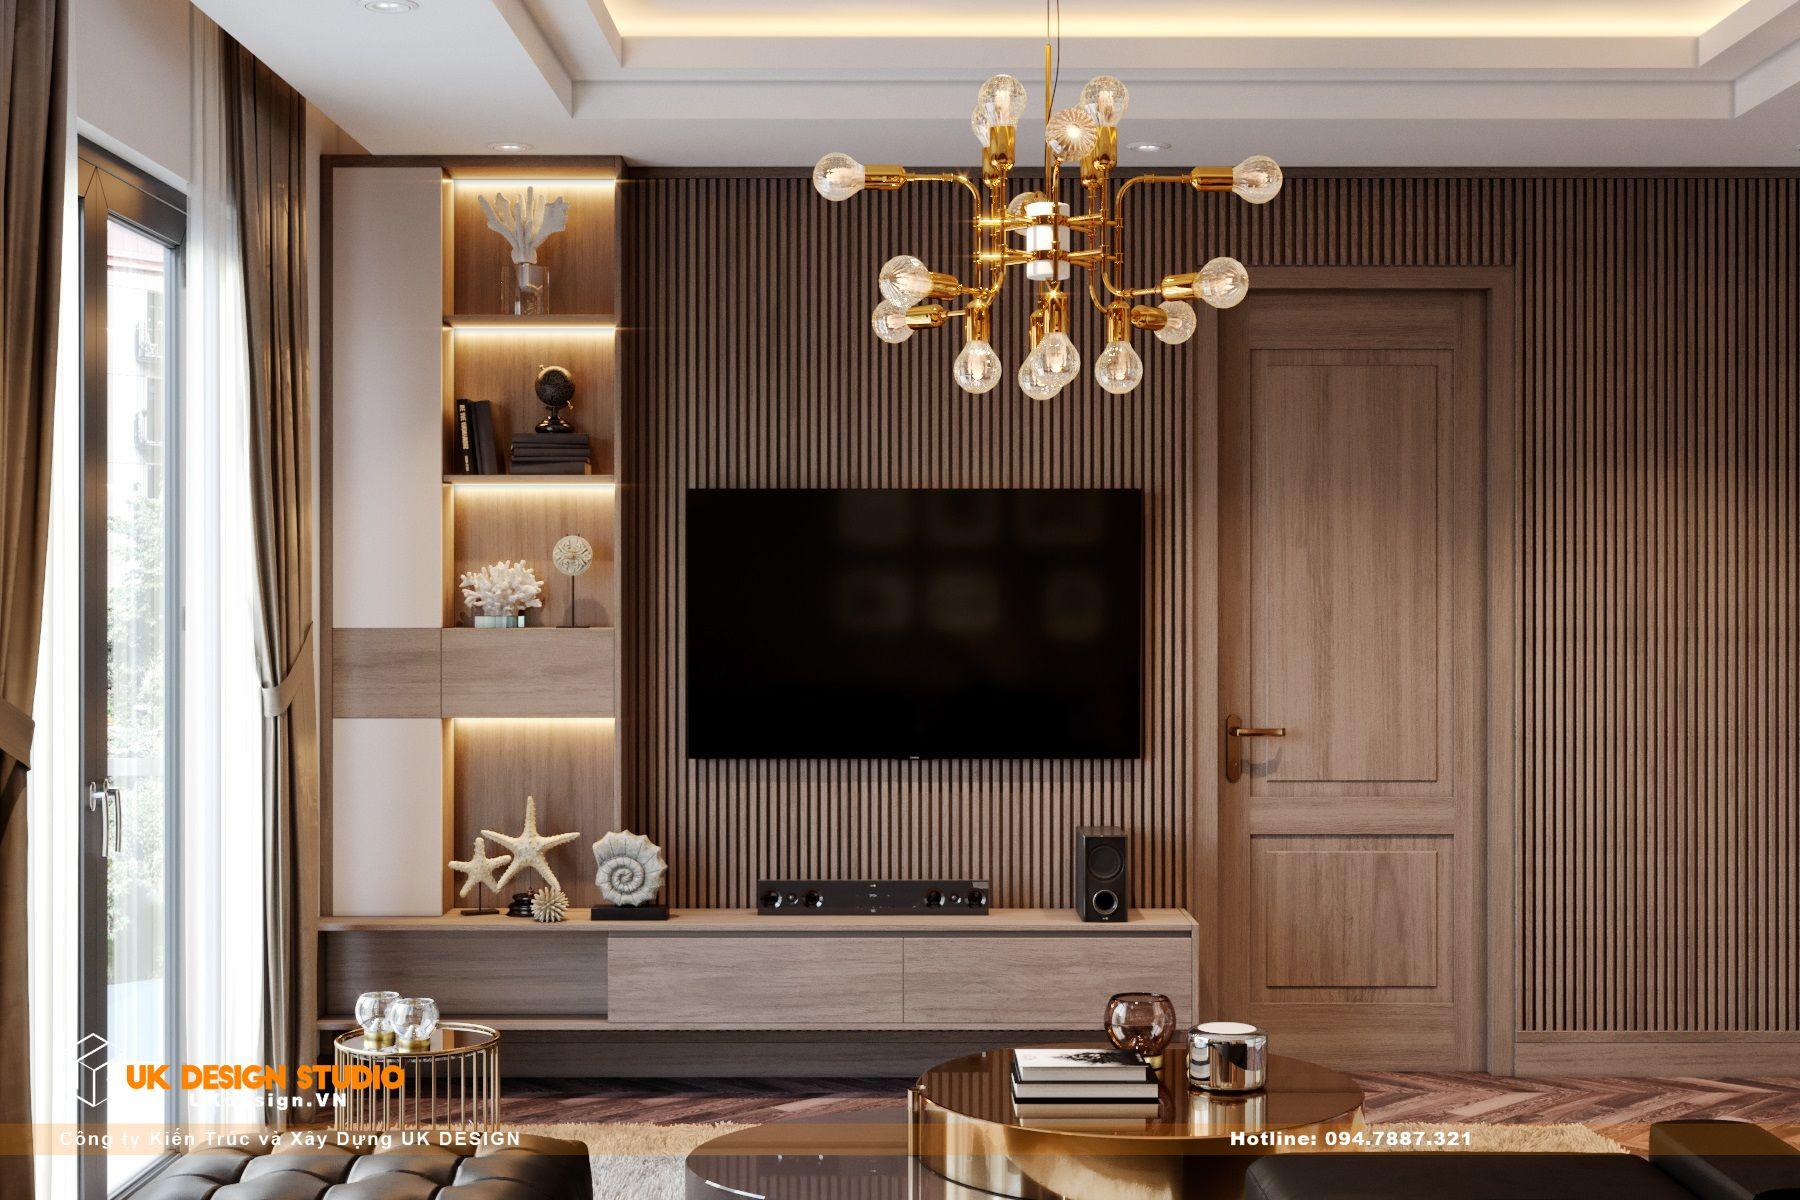 Thiết kế nội thất biệt thự nhà đẹp 3 tầng ở Quận 8 - Phòng sinh hoạt chung 1